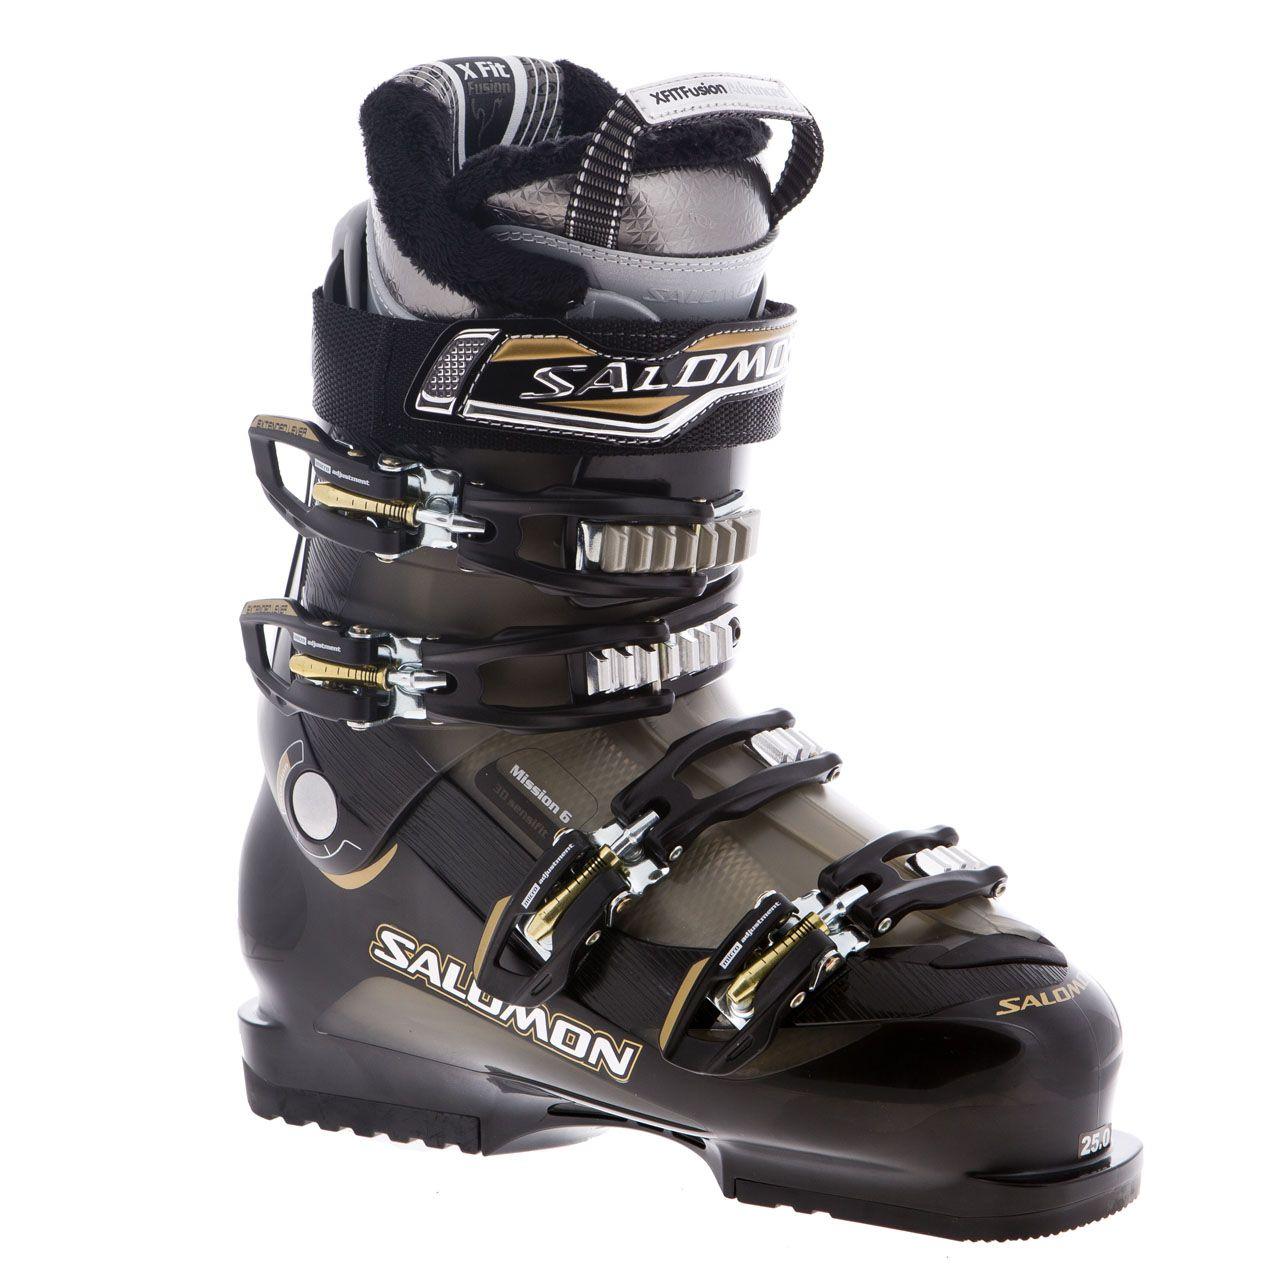 Salomon Mission 6 Salomon Alpinegap Com Ihr Onlineshop Rund Um Ski Snowboard Und Viele Weitere Wintersportarten